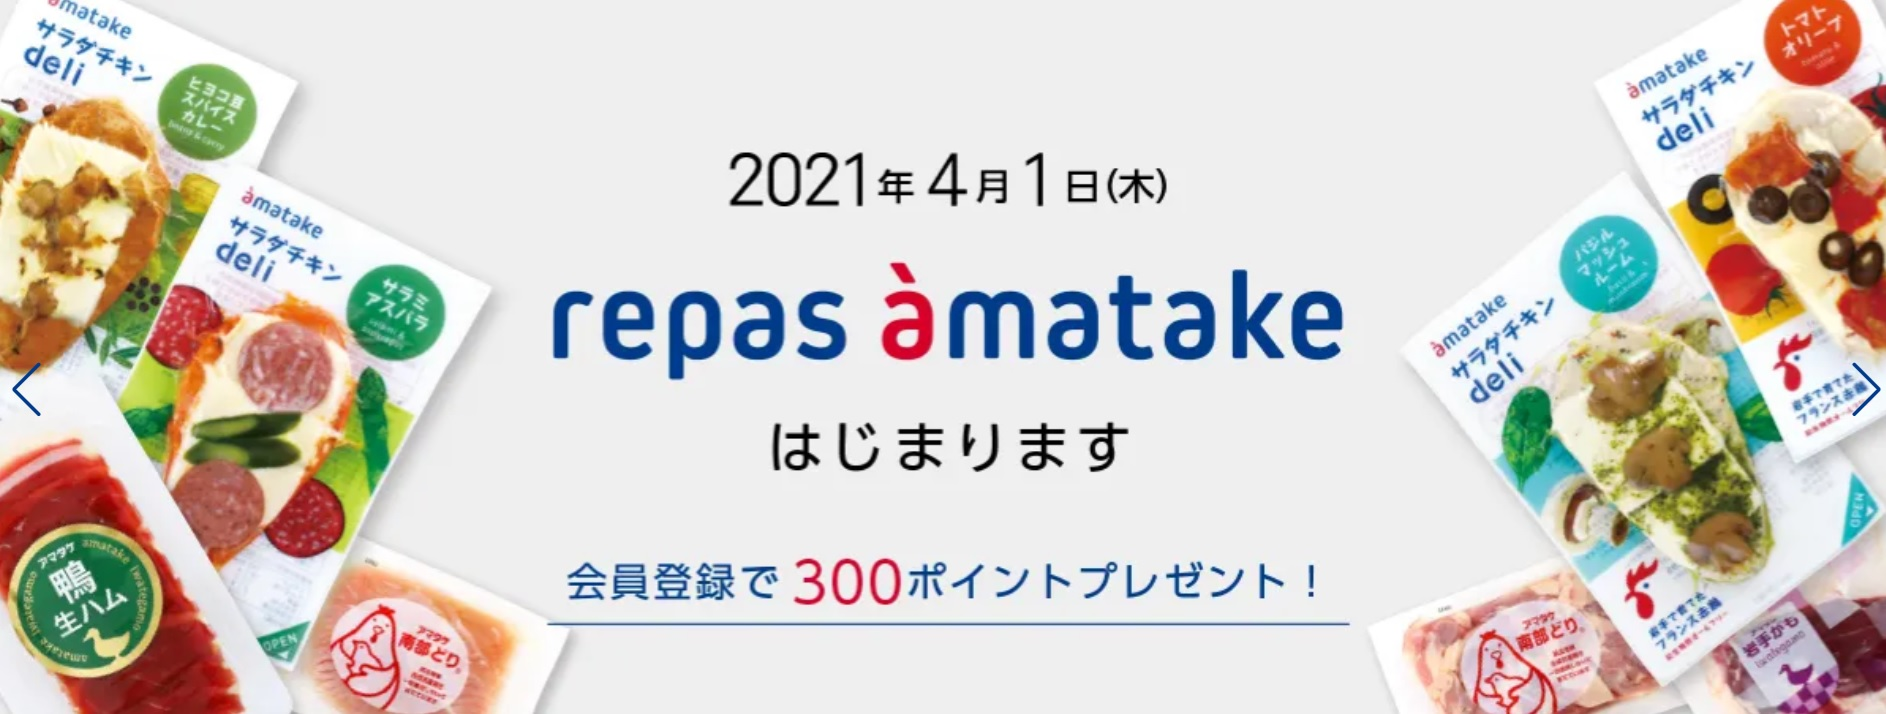 アマタケ公式オンラインショップが「repas àmatake(ルパ アマタケ)」としてリニューアルオープン!